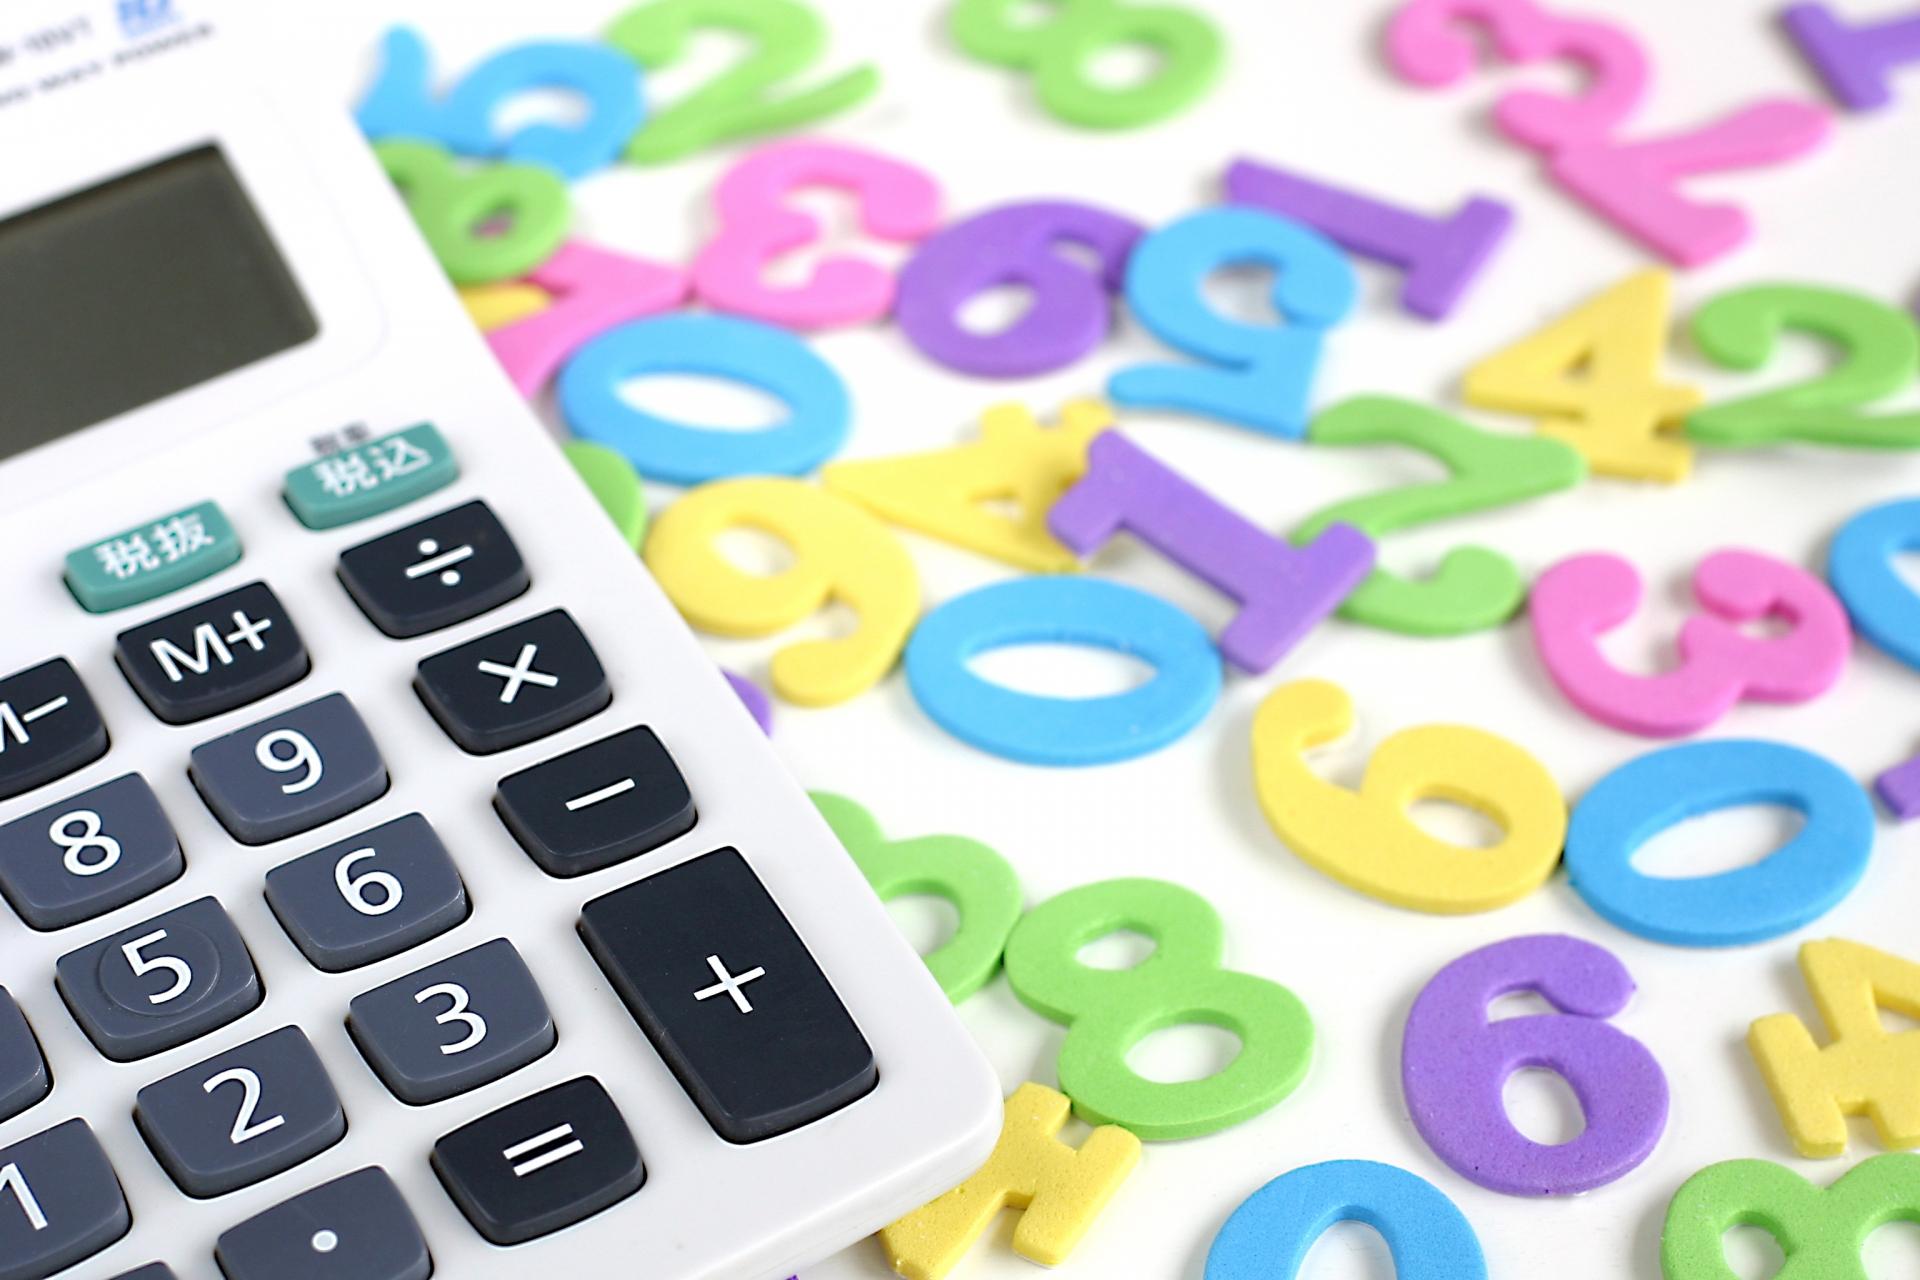 法人税の計算はどうなっているの?仕組みを理解して計算しよう